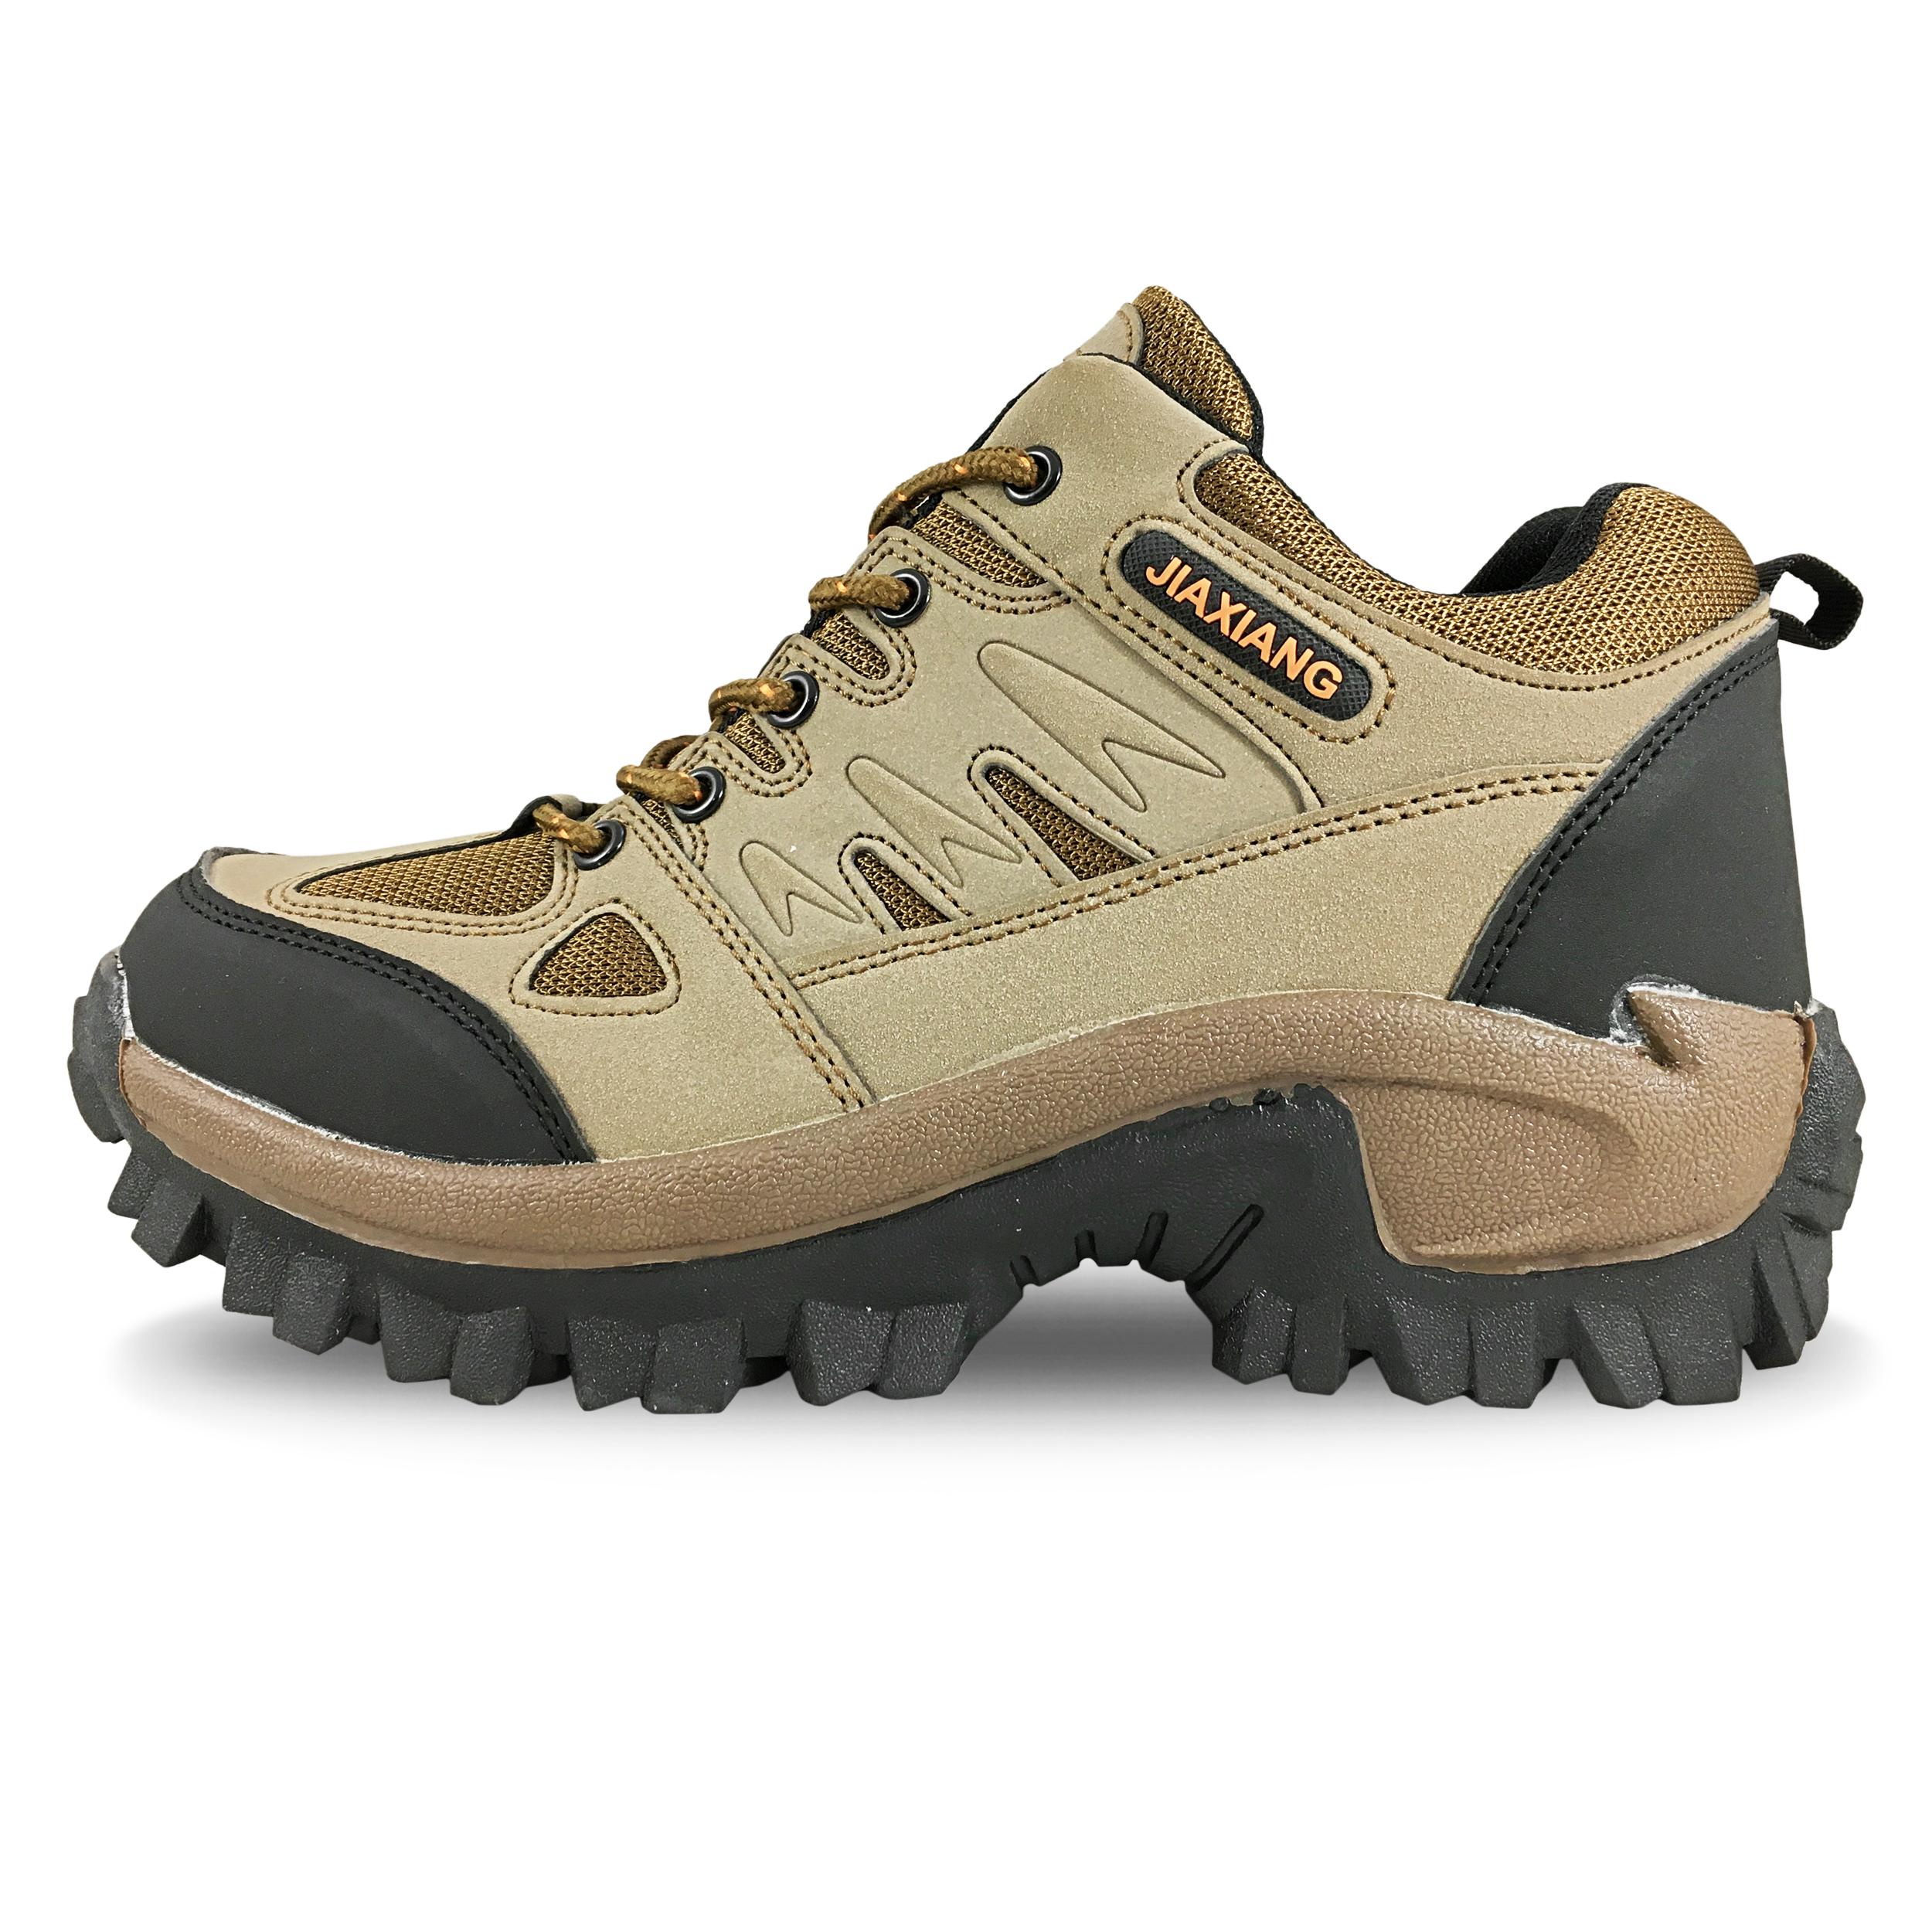 کفش مخصوص کوهنوردی مردانه جیاکسیانگ کد SJ104-3